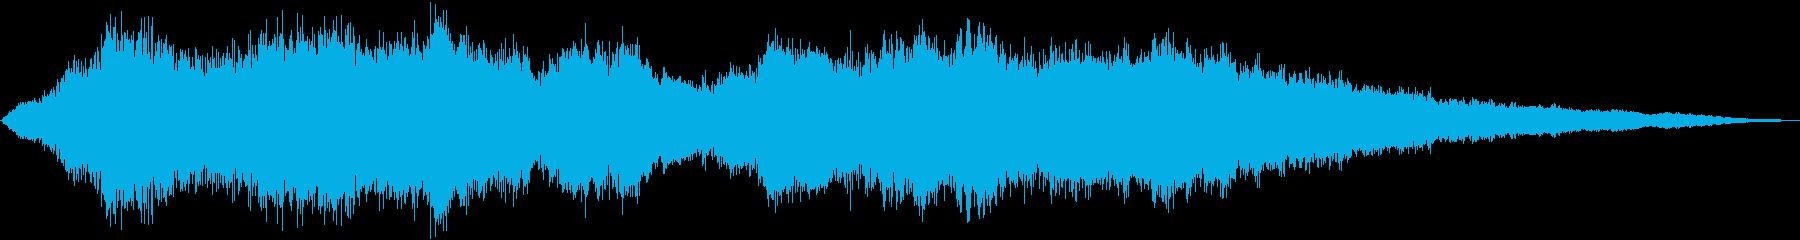 静かな始まりを連想するストリングス曲の再生済みの波形